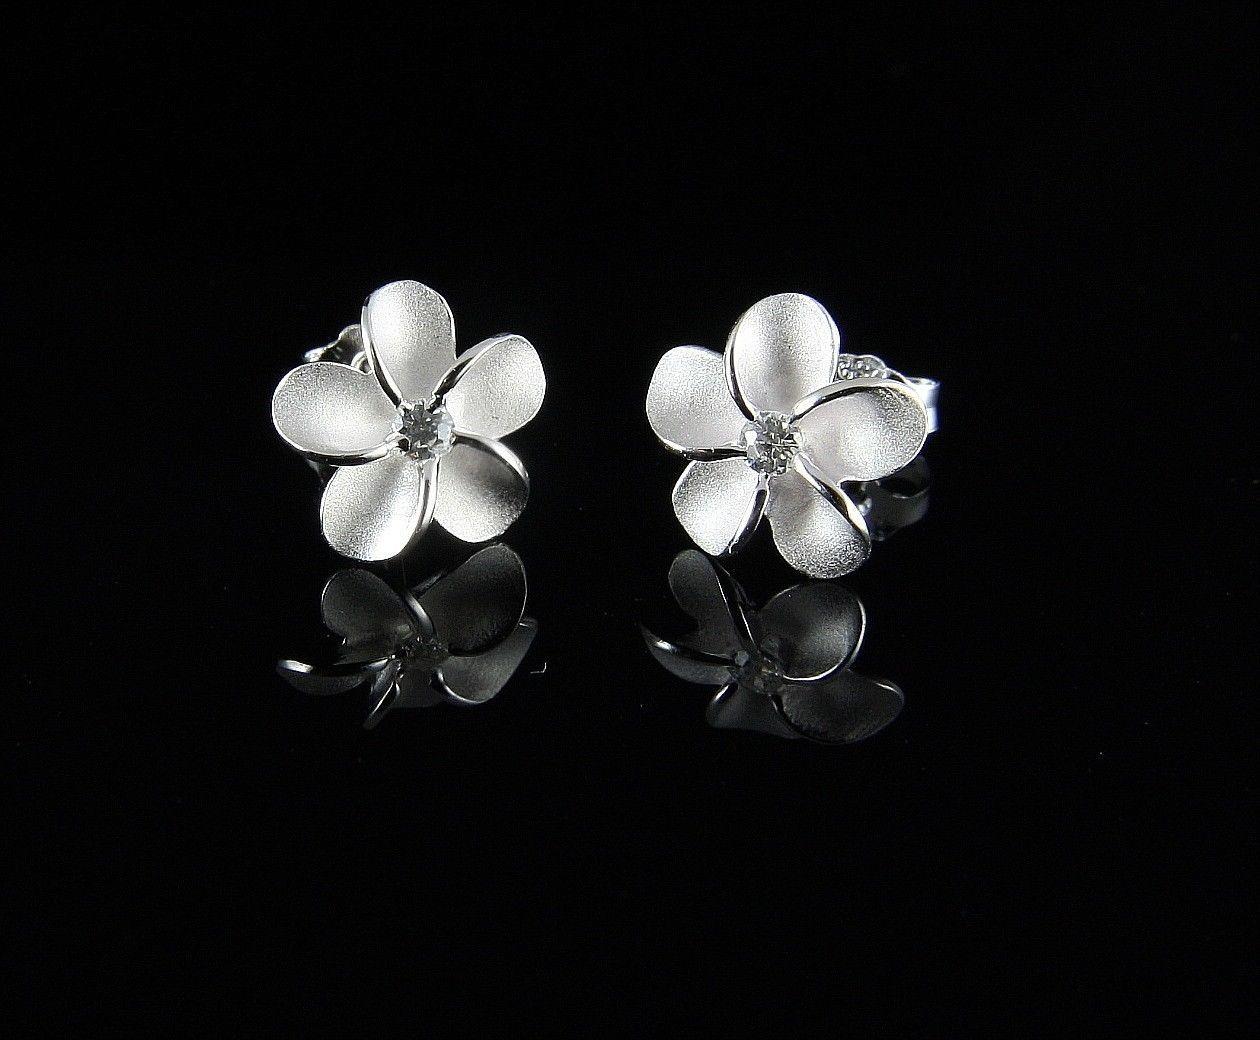 Sterling Silver 925 Hawaiian Plumeria Flower Stud Earrings 10mm